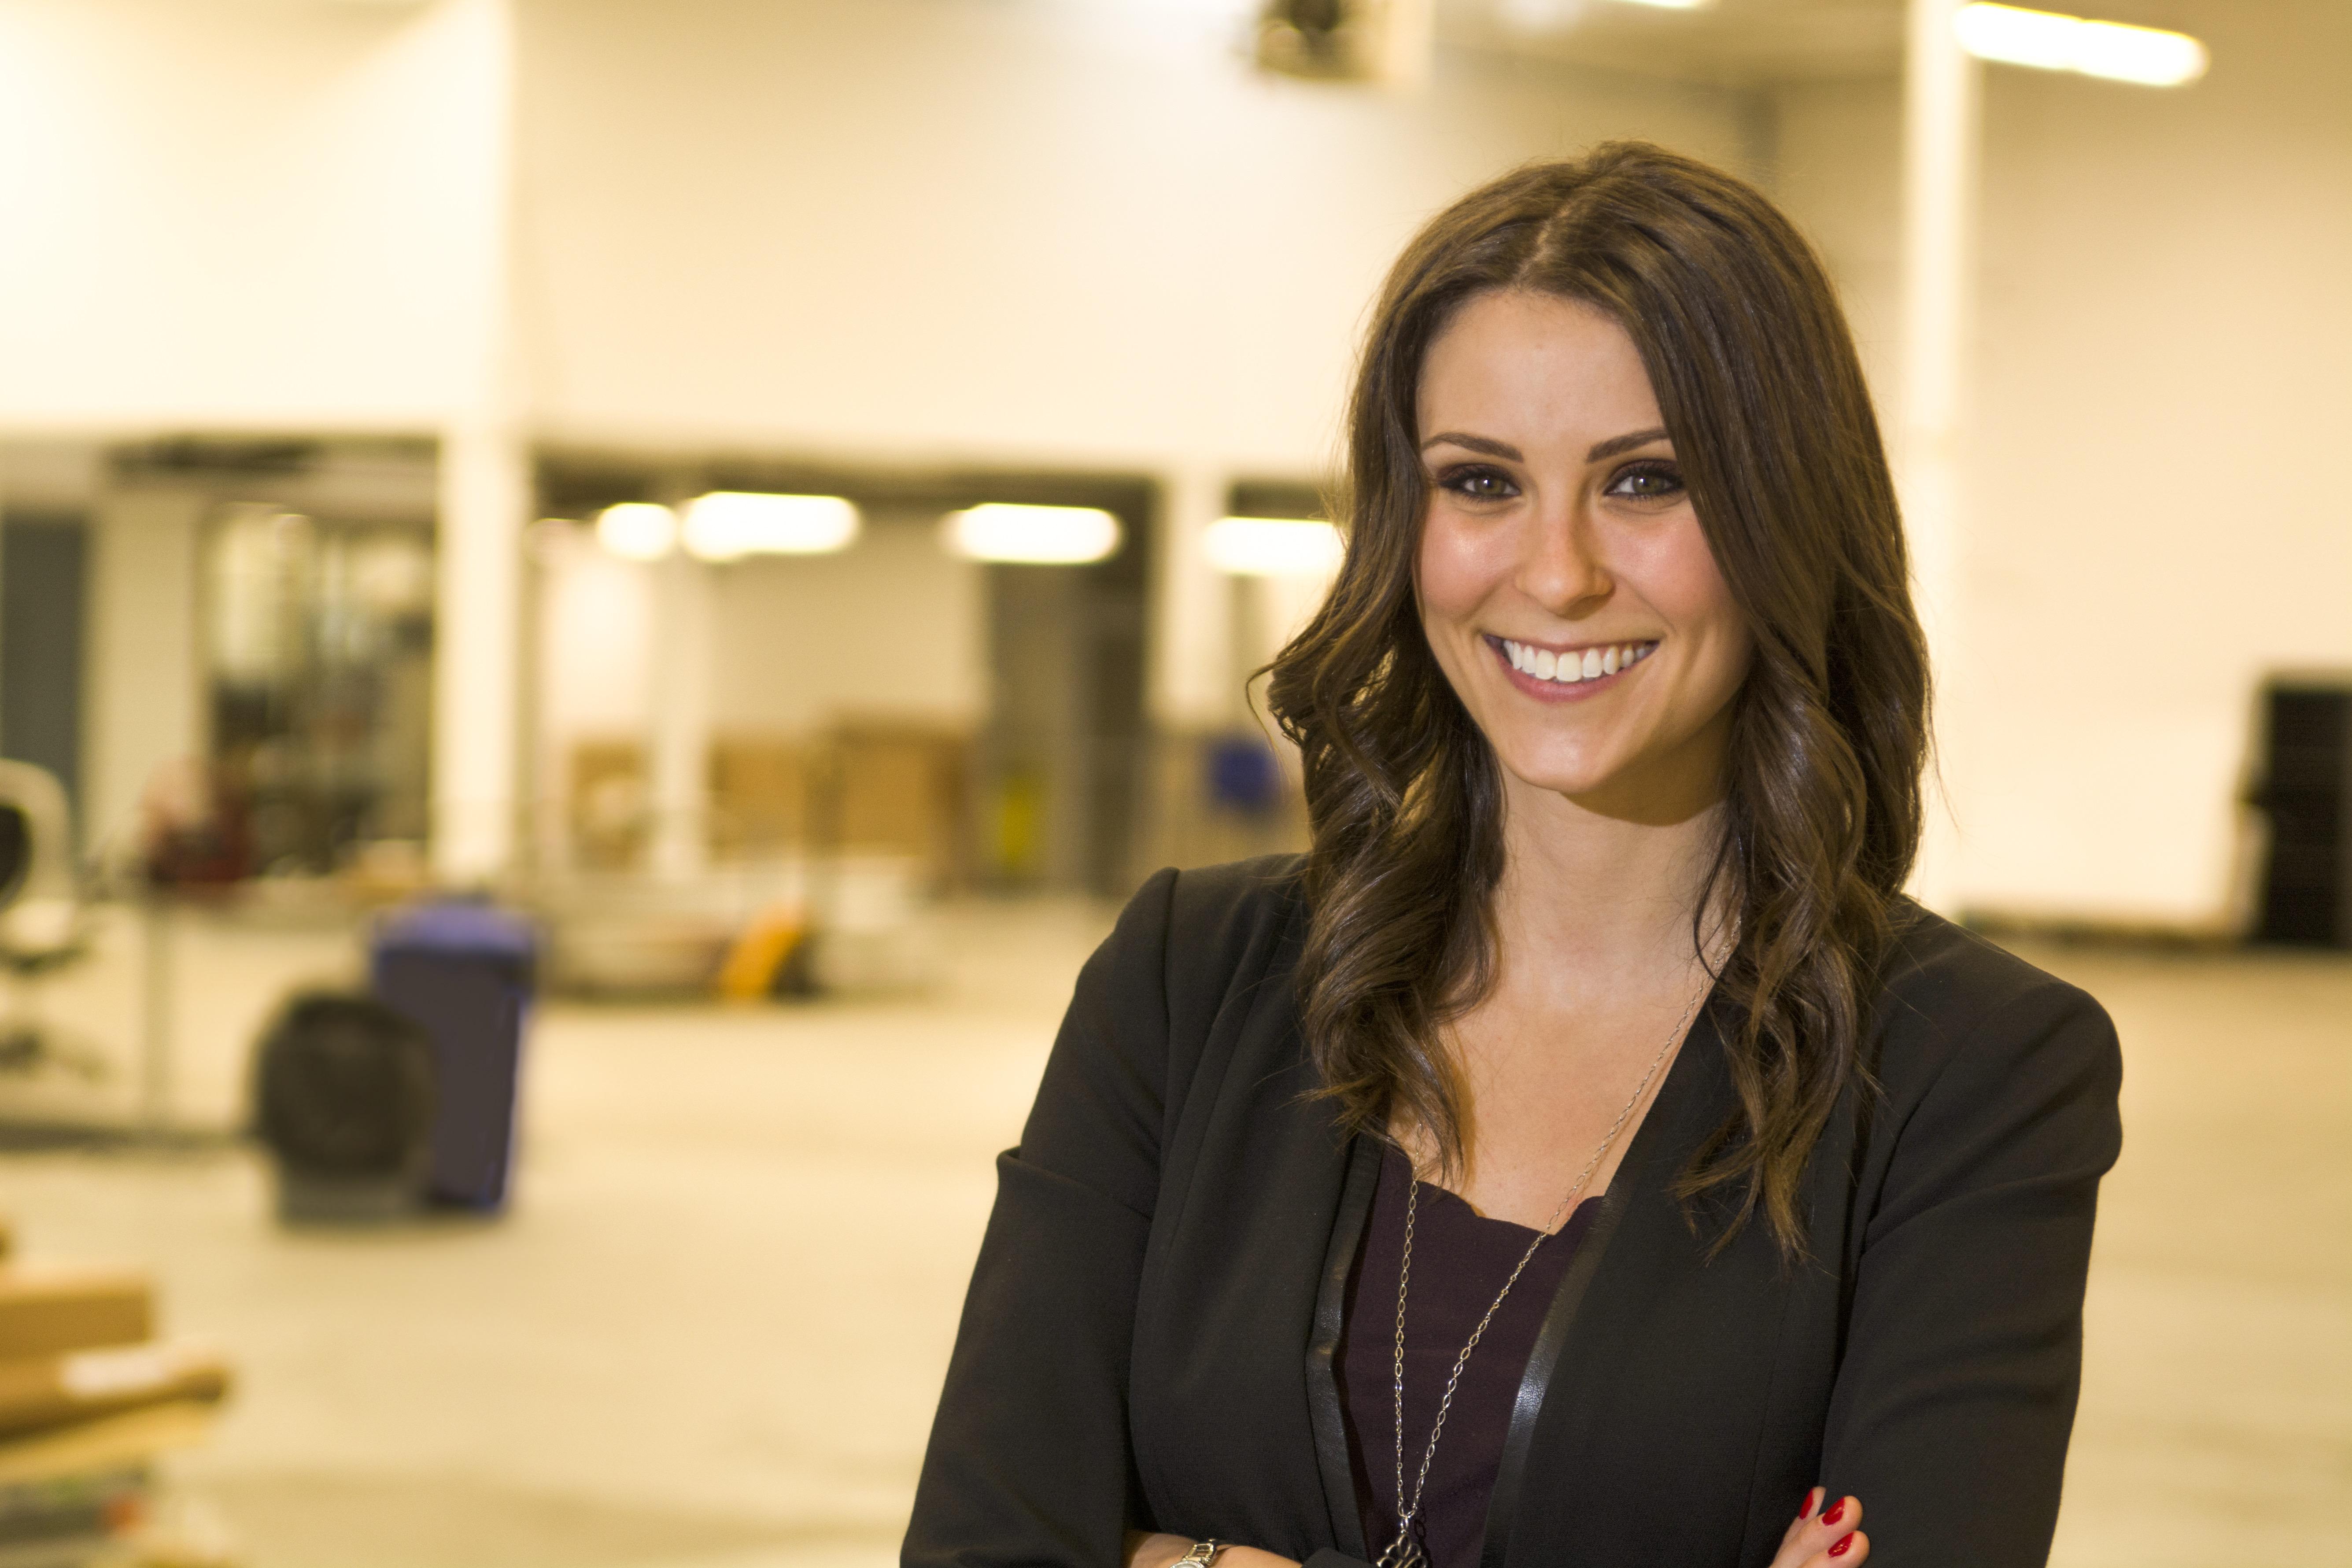 Laura Patel